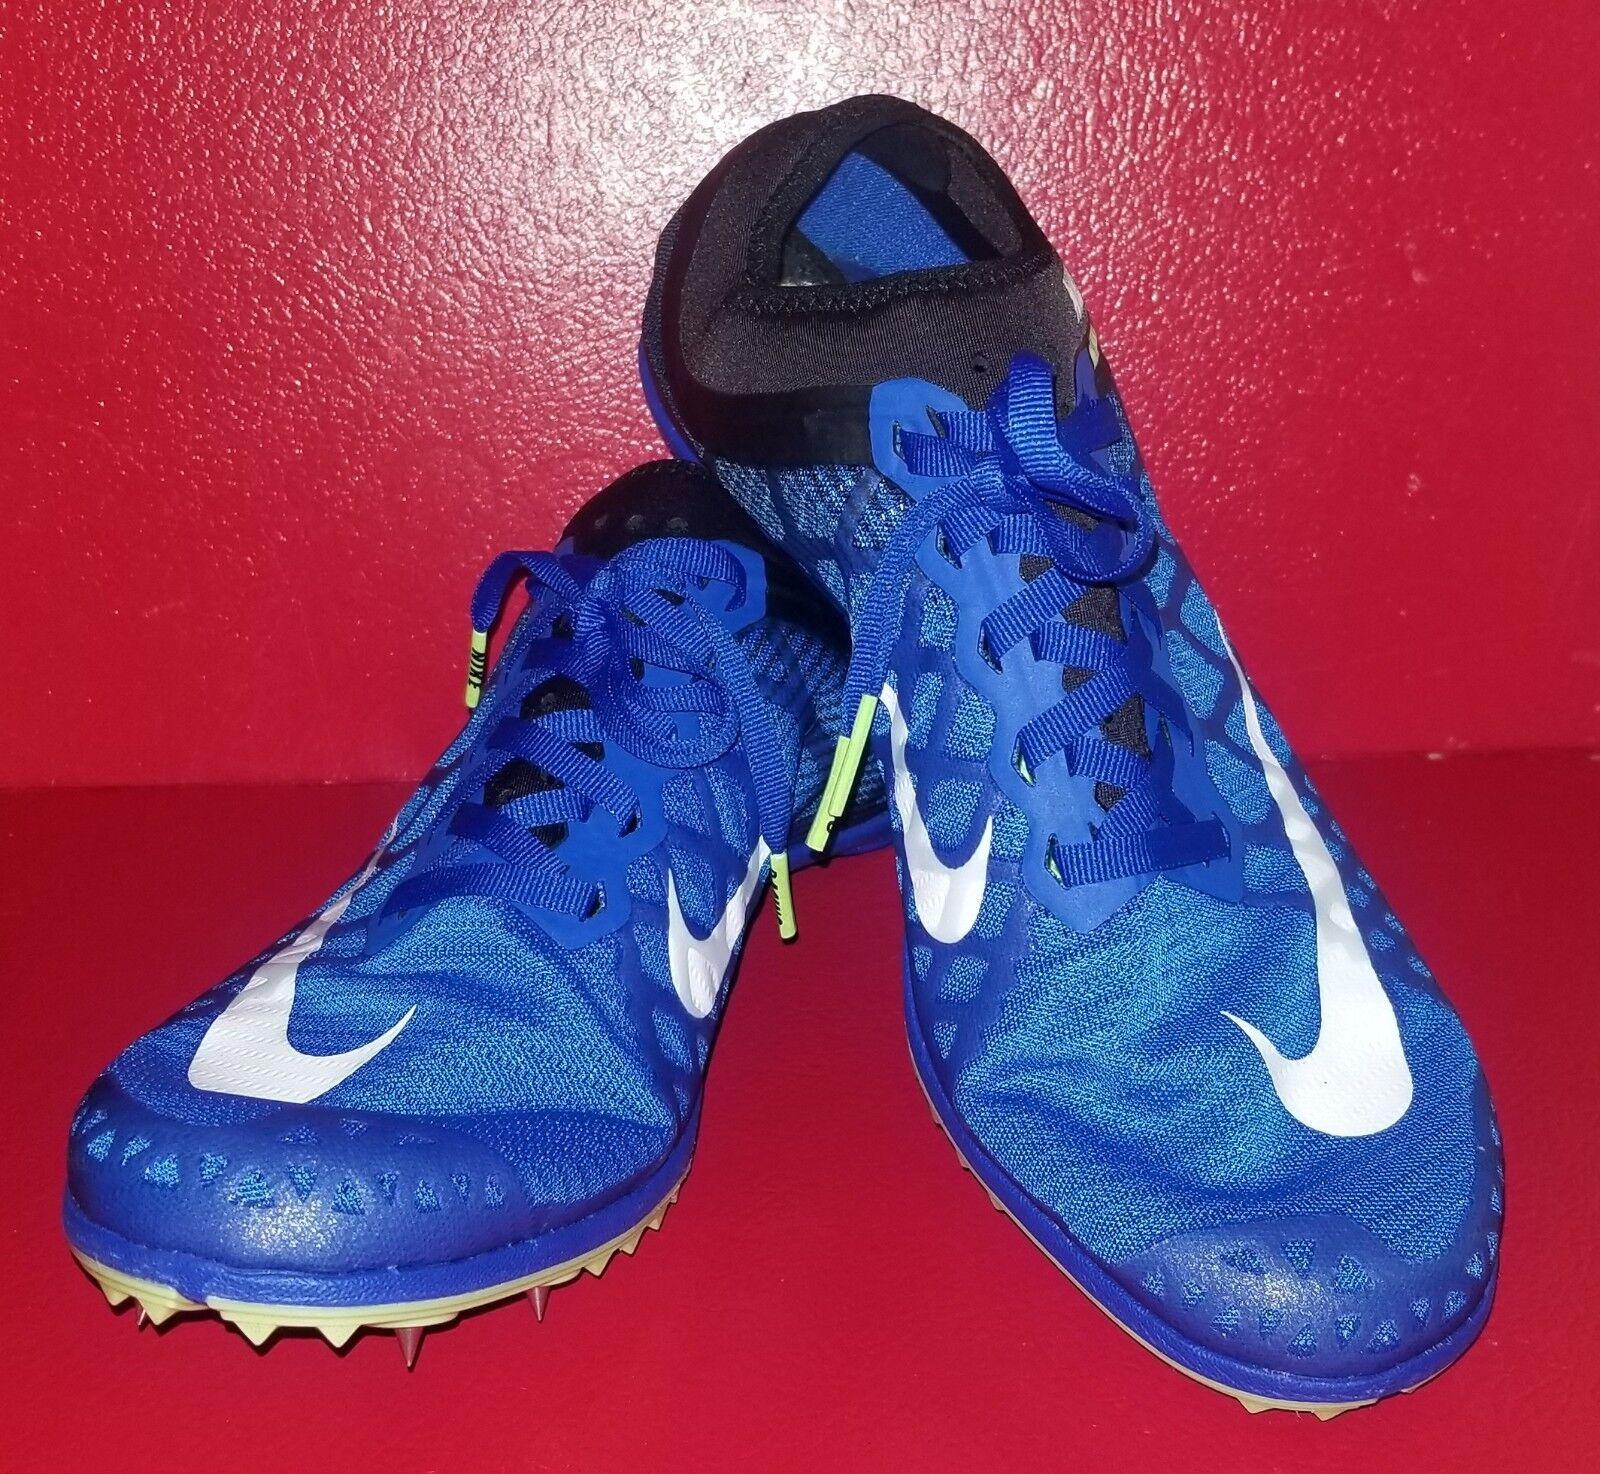 hot sale online ea566 06ef2 Nueva Nike Mamba 3 Distancia azul blanco Track Field Spike Spike Spike  706617-413 zapato